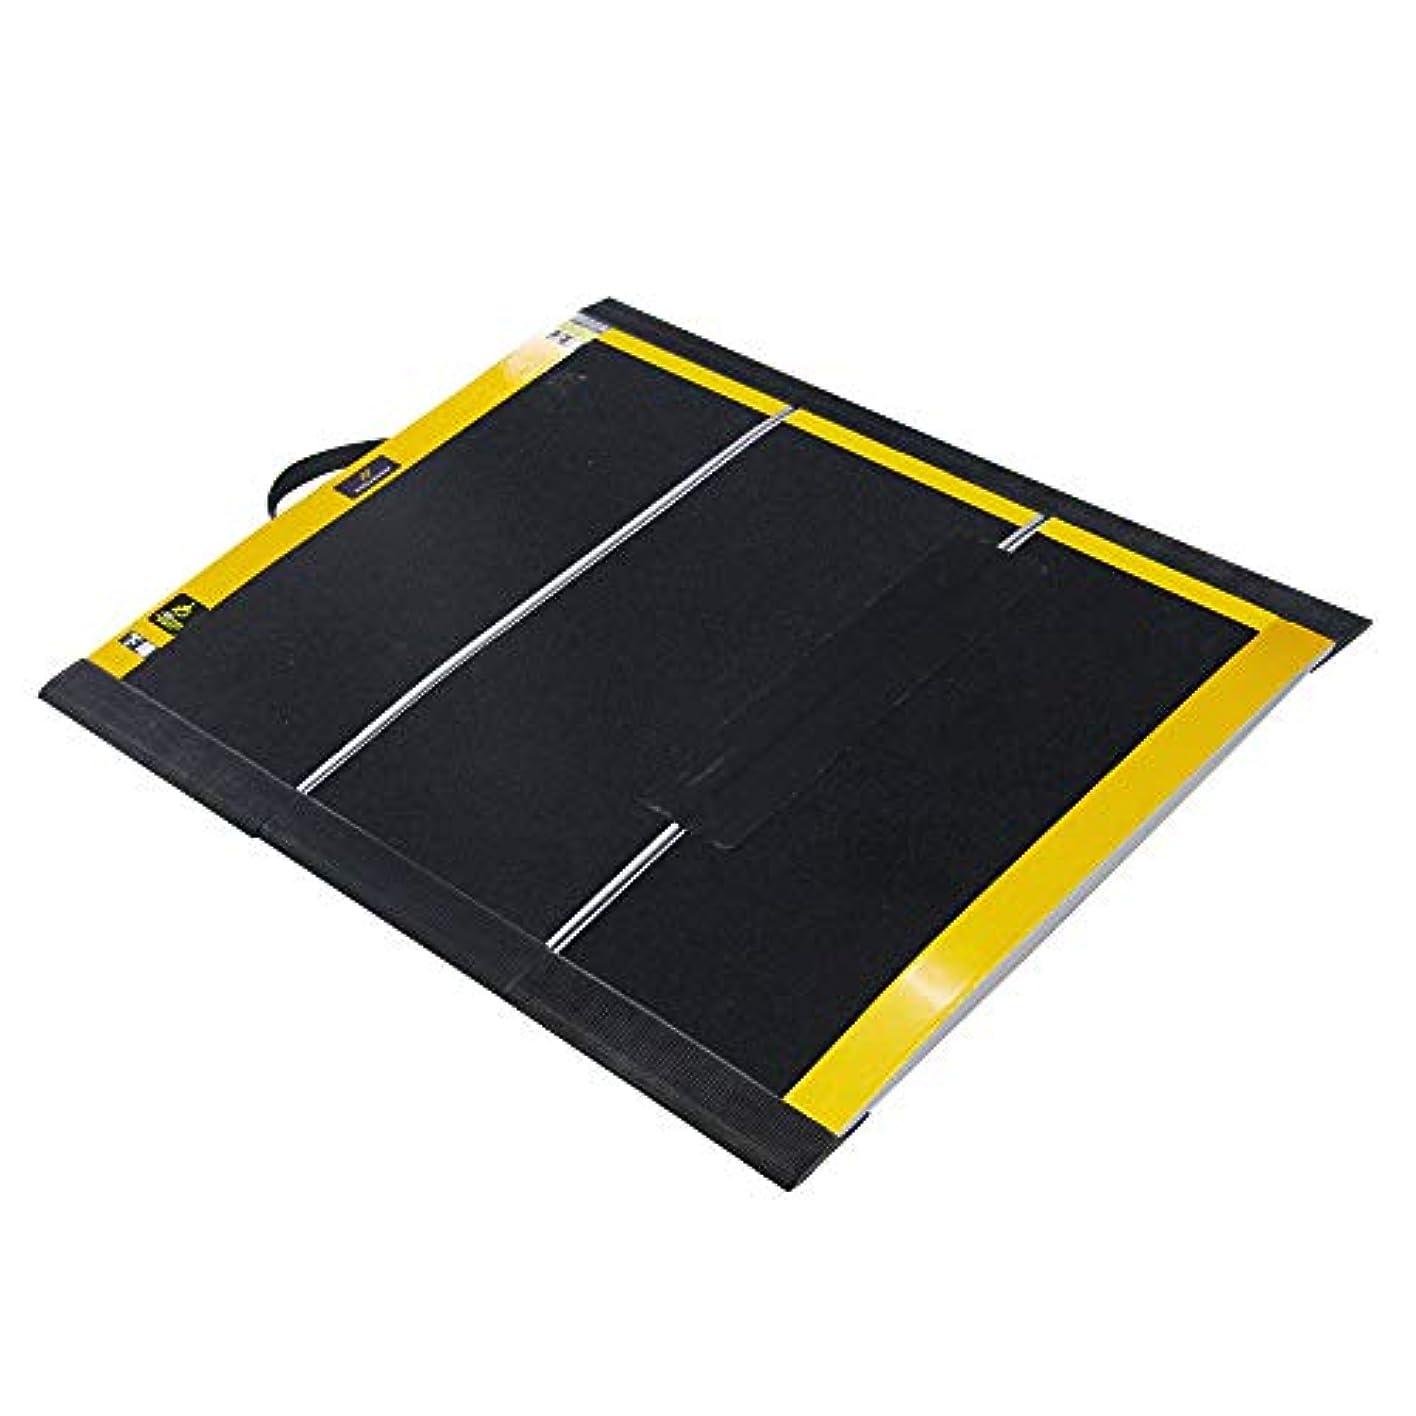 ご近所無秩序遠近法三つ折り畳み式 車椅子用スロープ 段差解消 交通機関も適用 FRP製の特殊構造 軽量スロープ MEXA1970(長さ68cm*幅84.5cm)